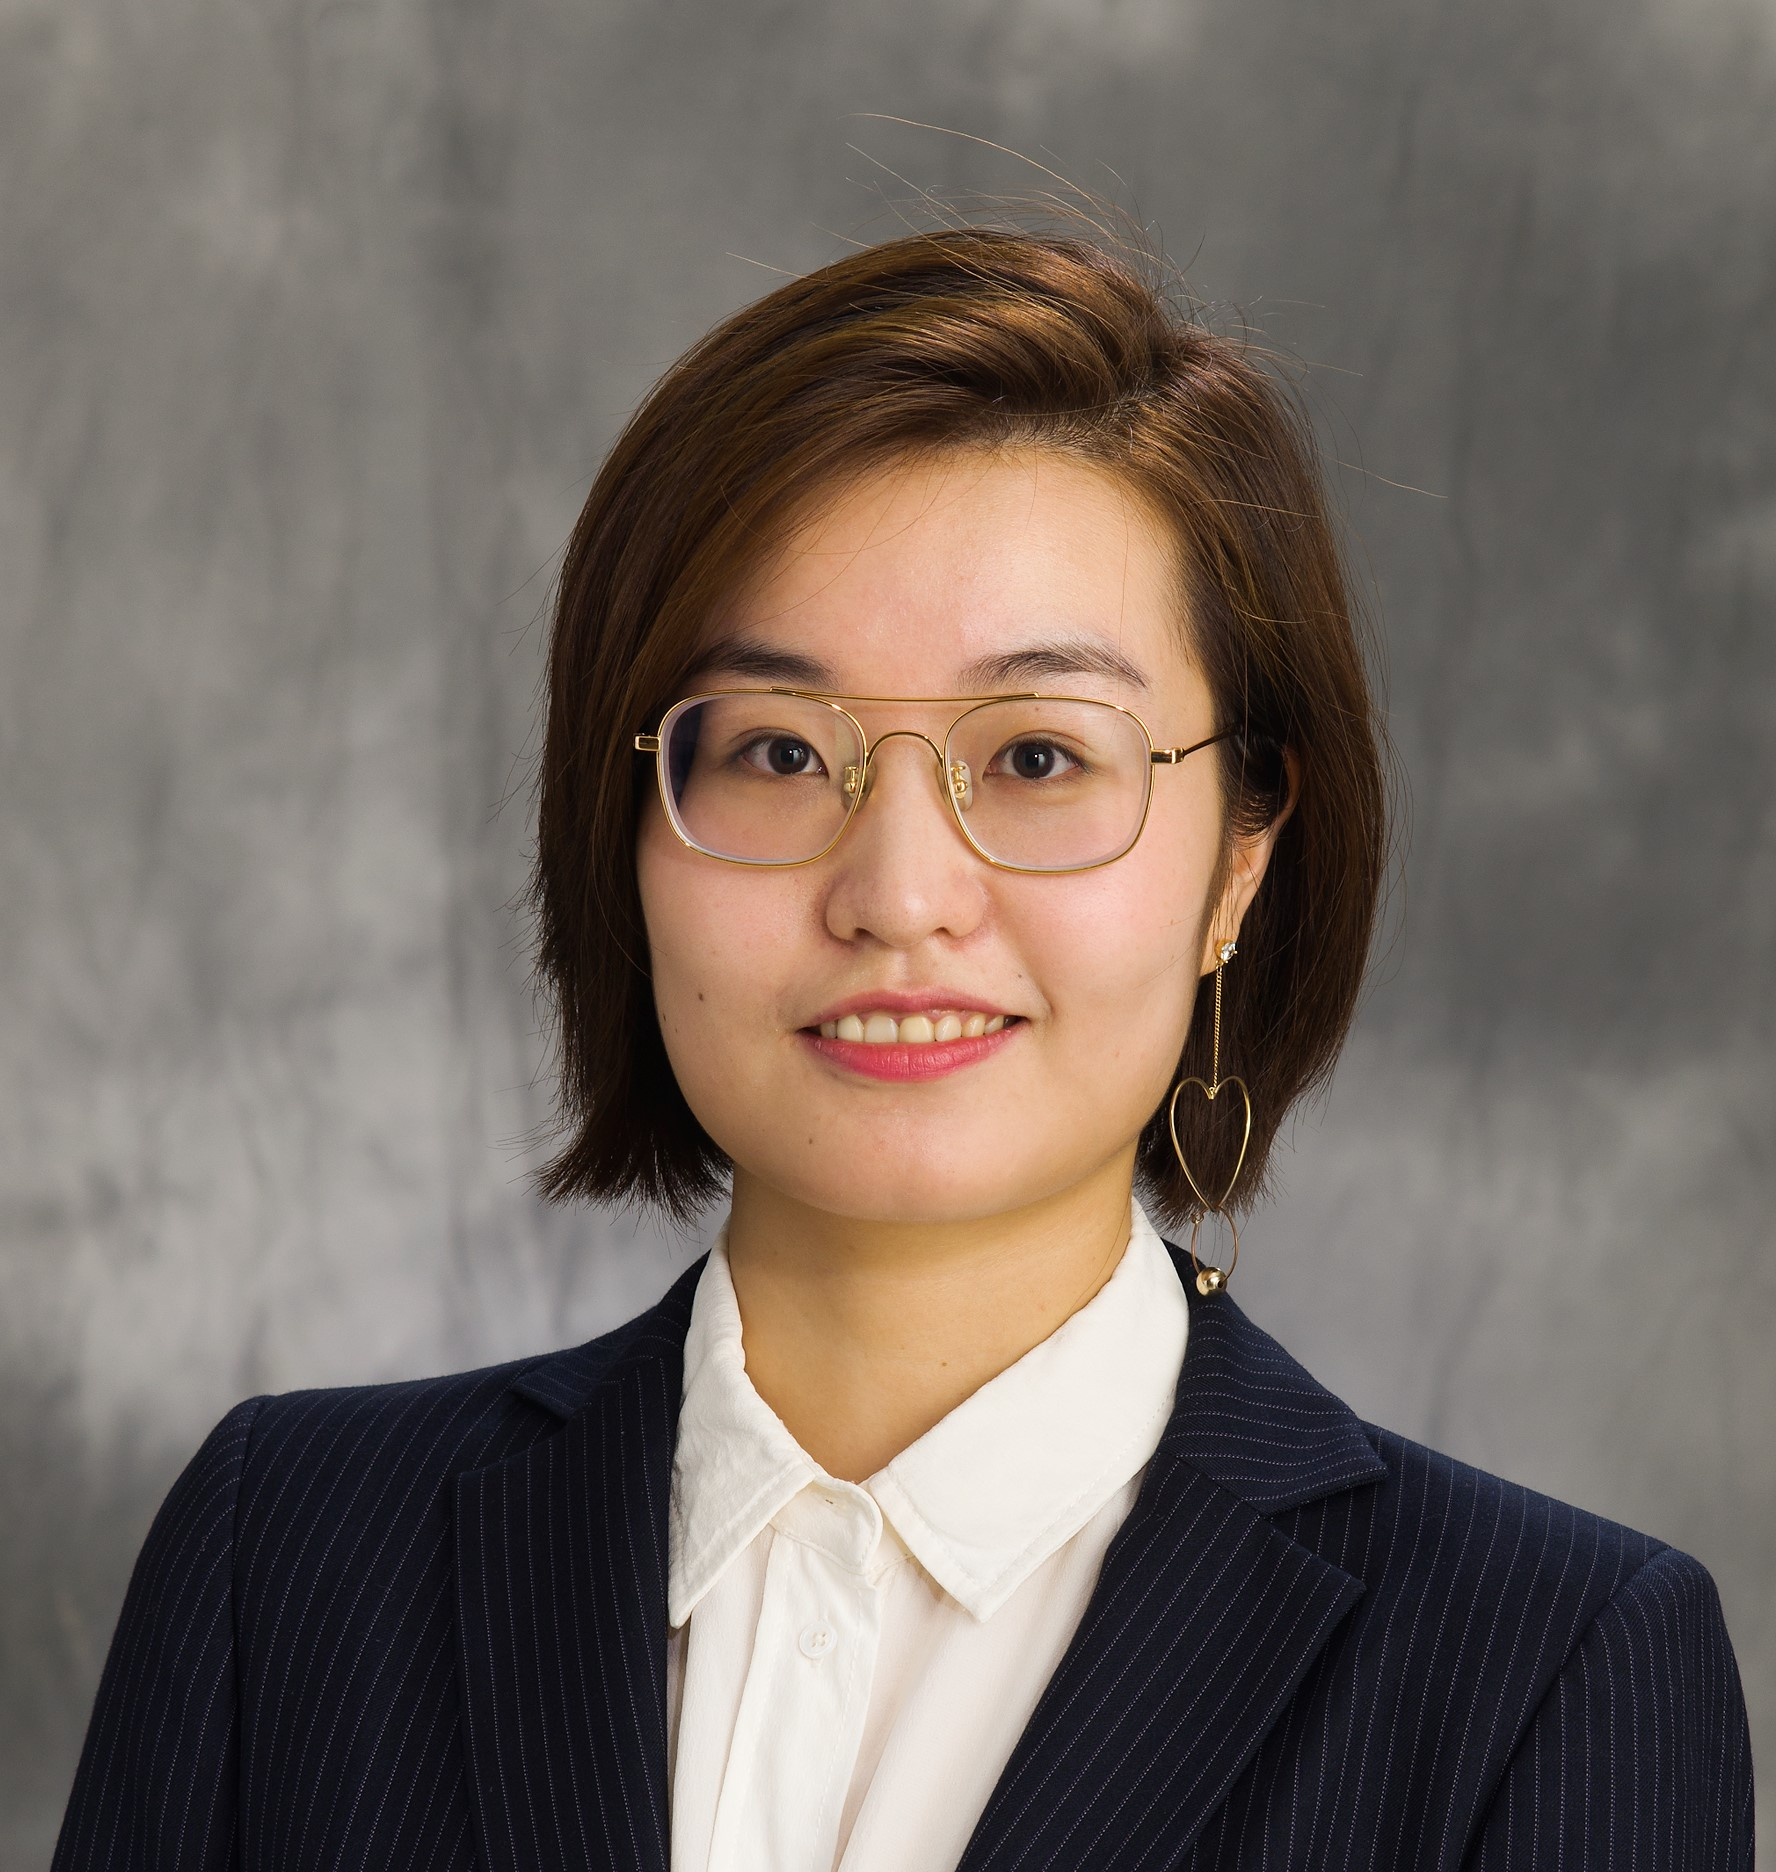 Jiachun Shi